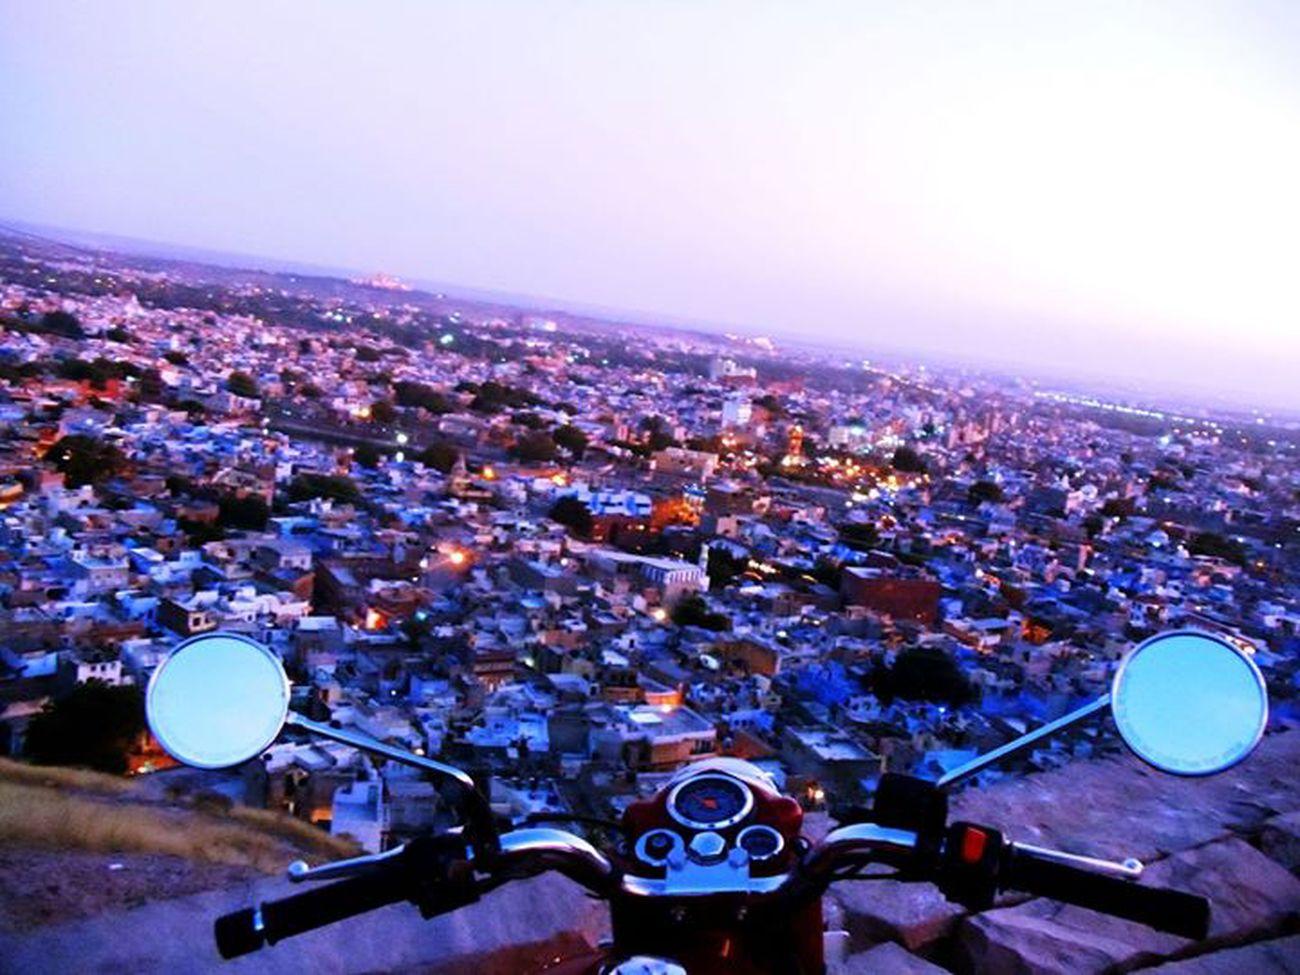 I Love My City Jodhpur India Hello World Jodhpur_city What I Value City Heights Favourite Place